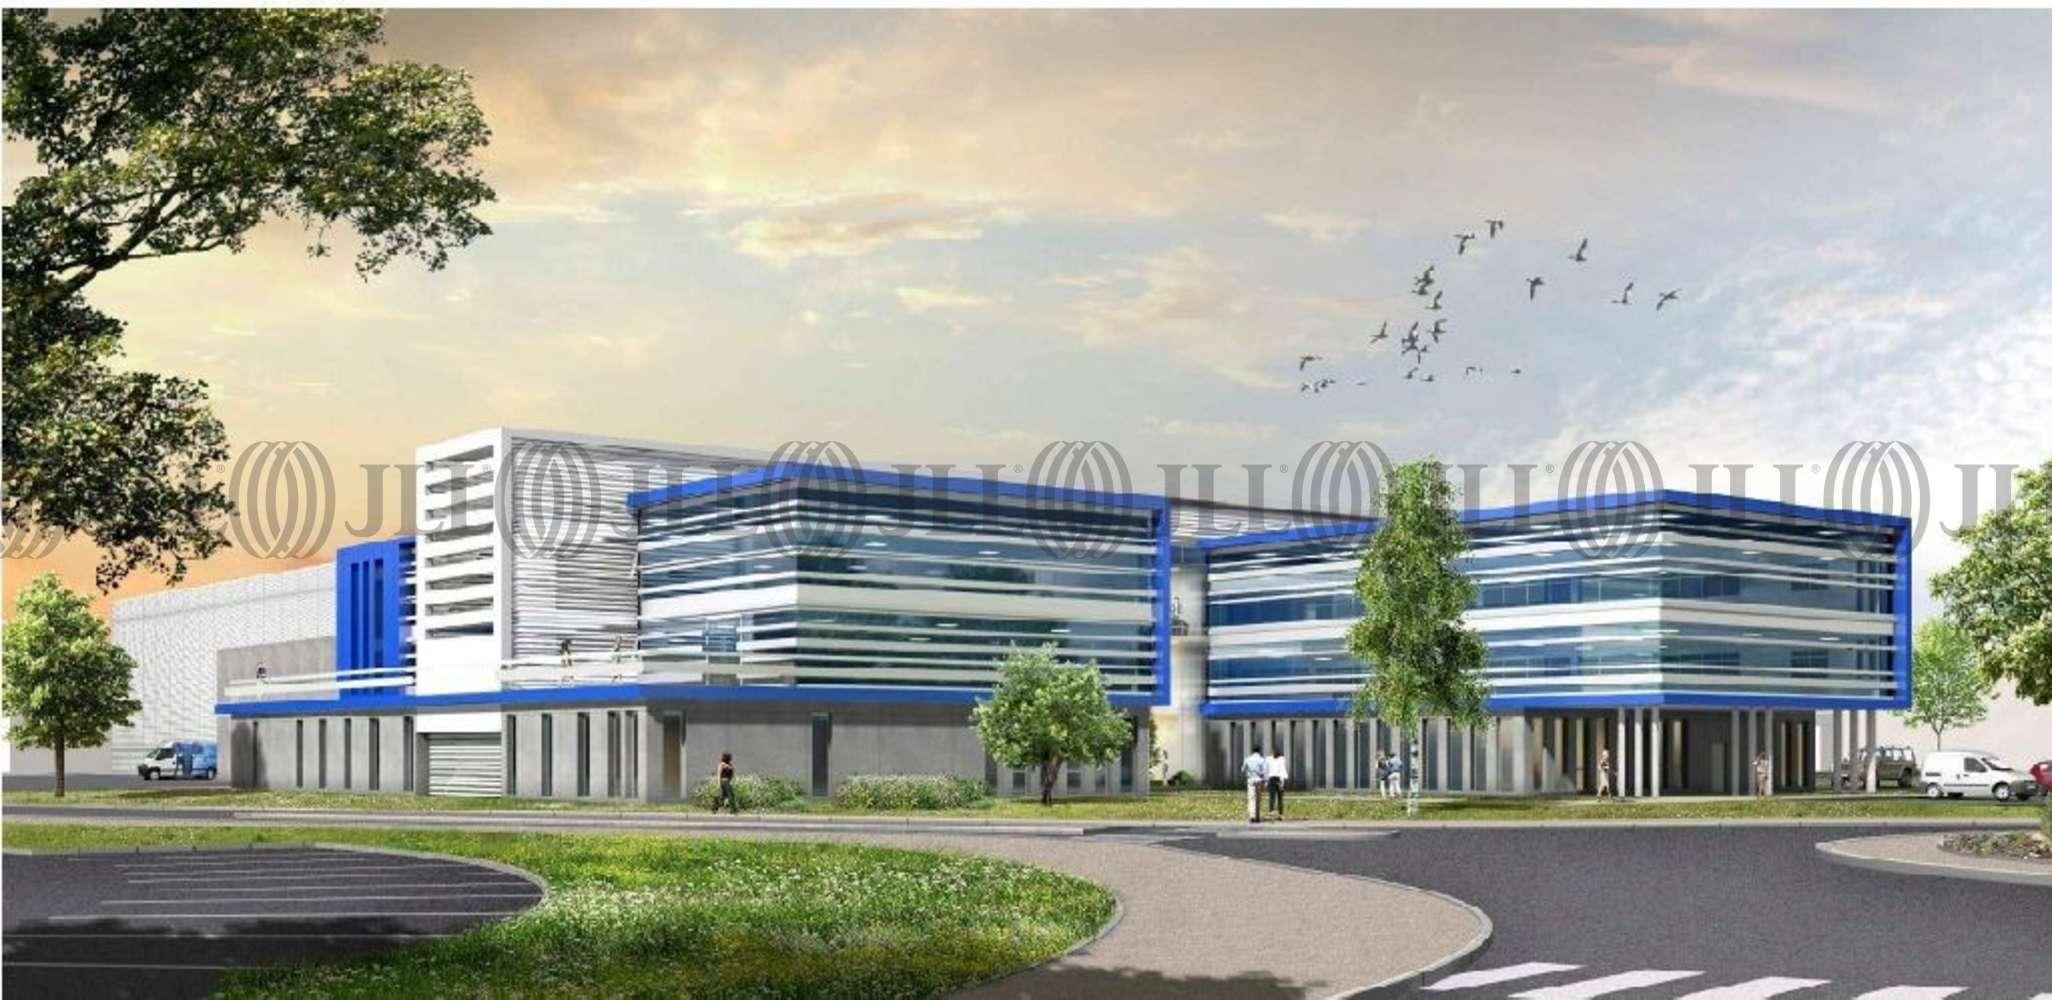 Activités/entrepôt Rillieux la pape, 69140 - HIGHLAND - Activité et bureaux Lyon Nord - 9908172